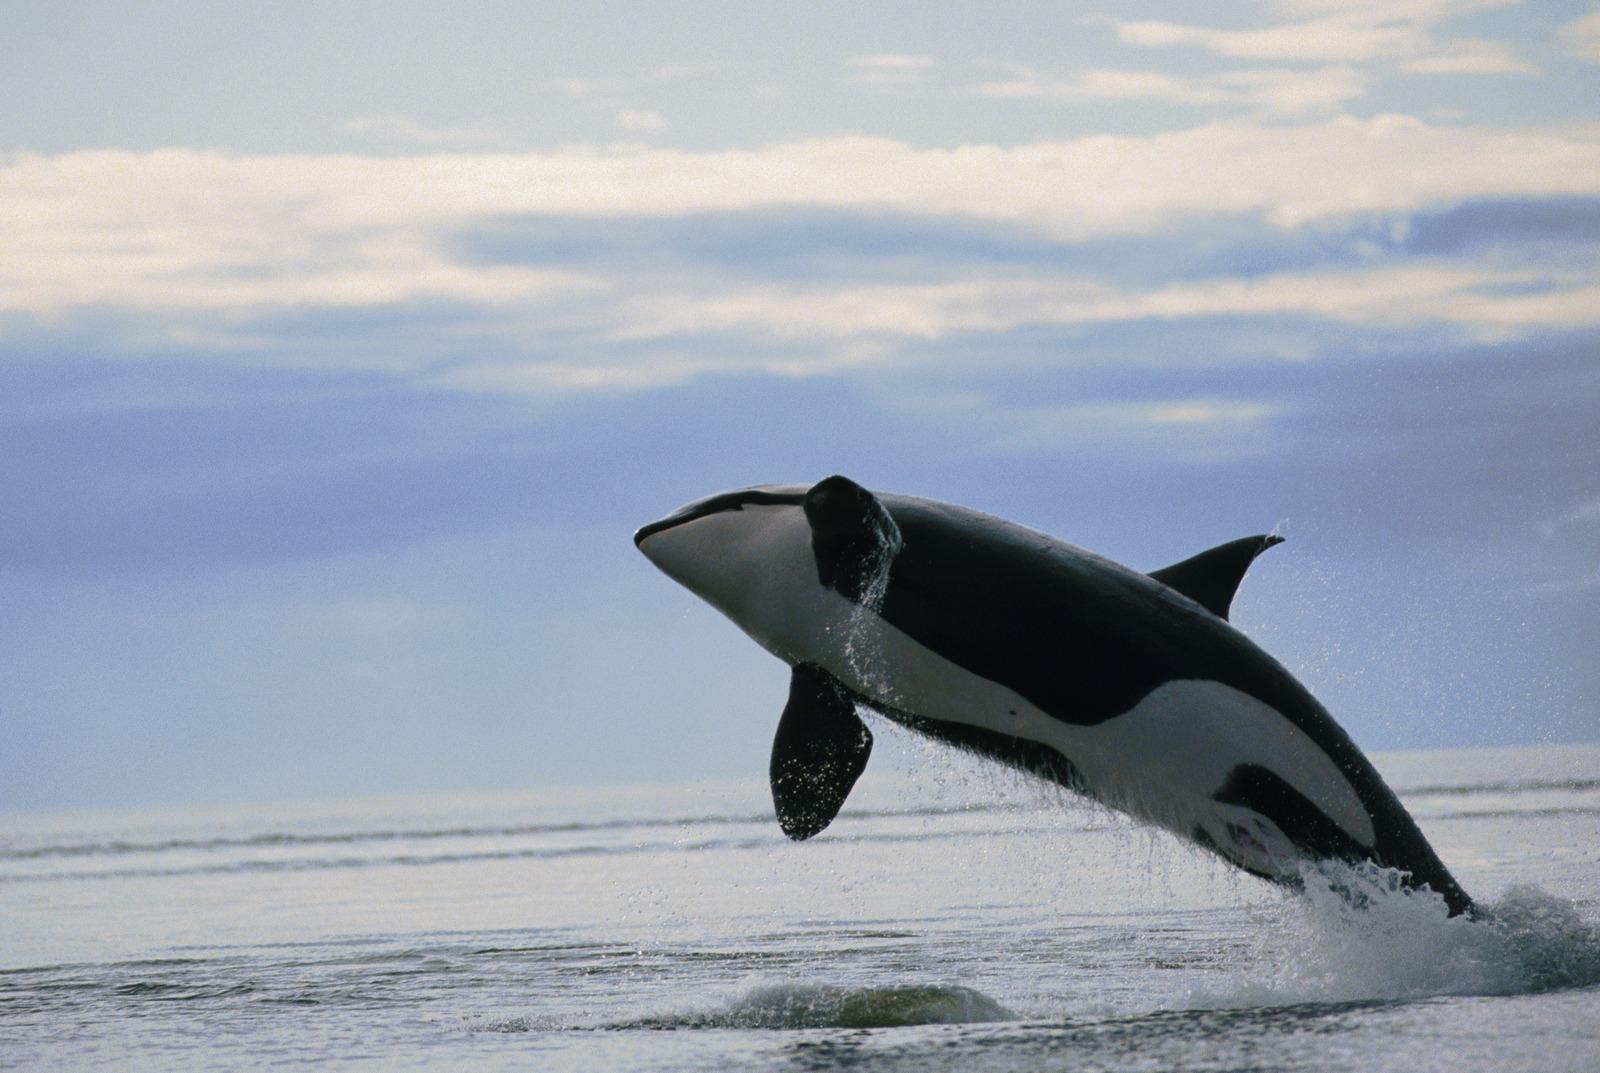 Tiburones Y Otros Reyes Del Oceano En Hd Primera Partehot -2523